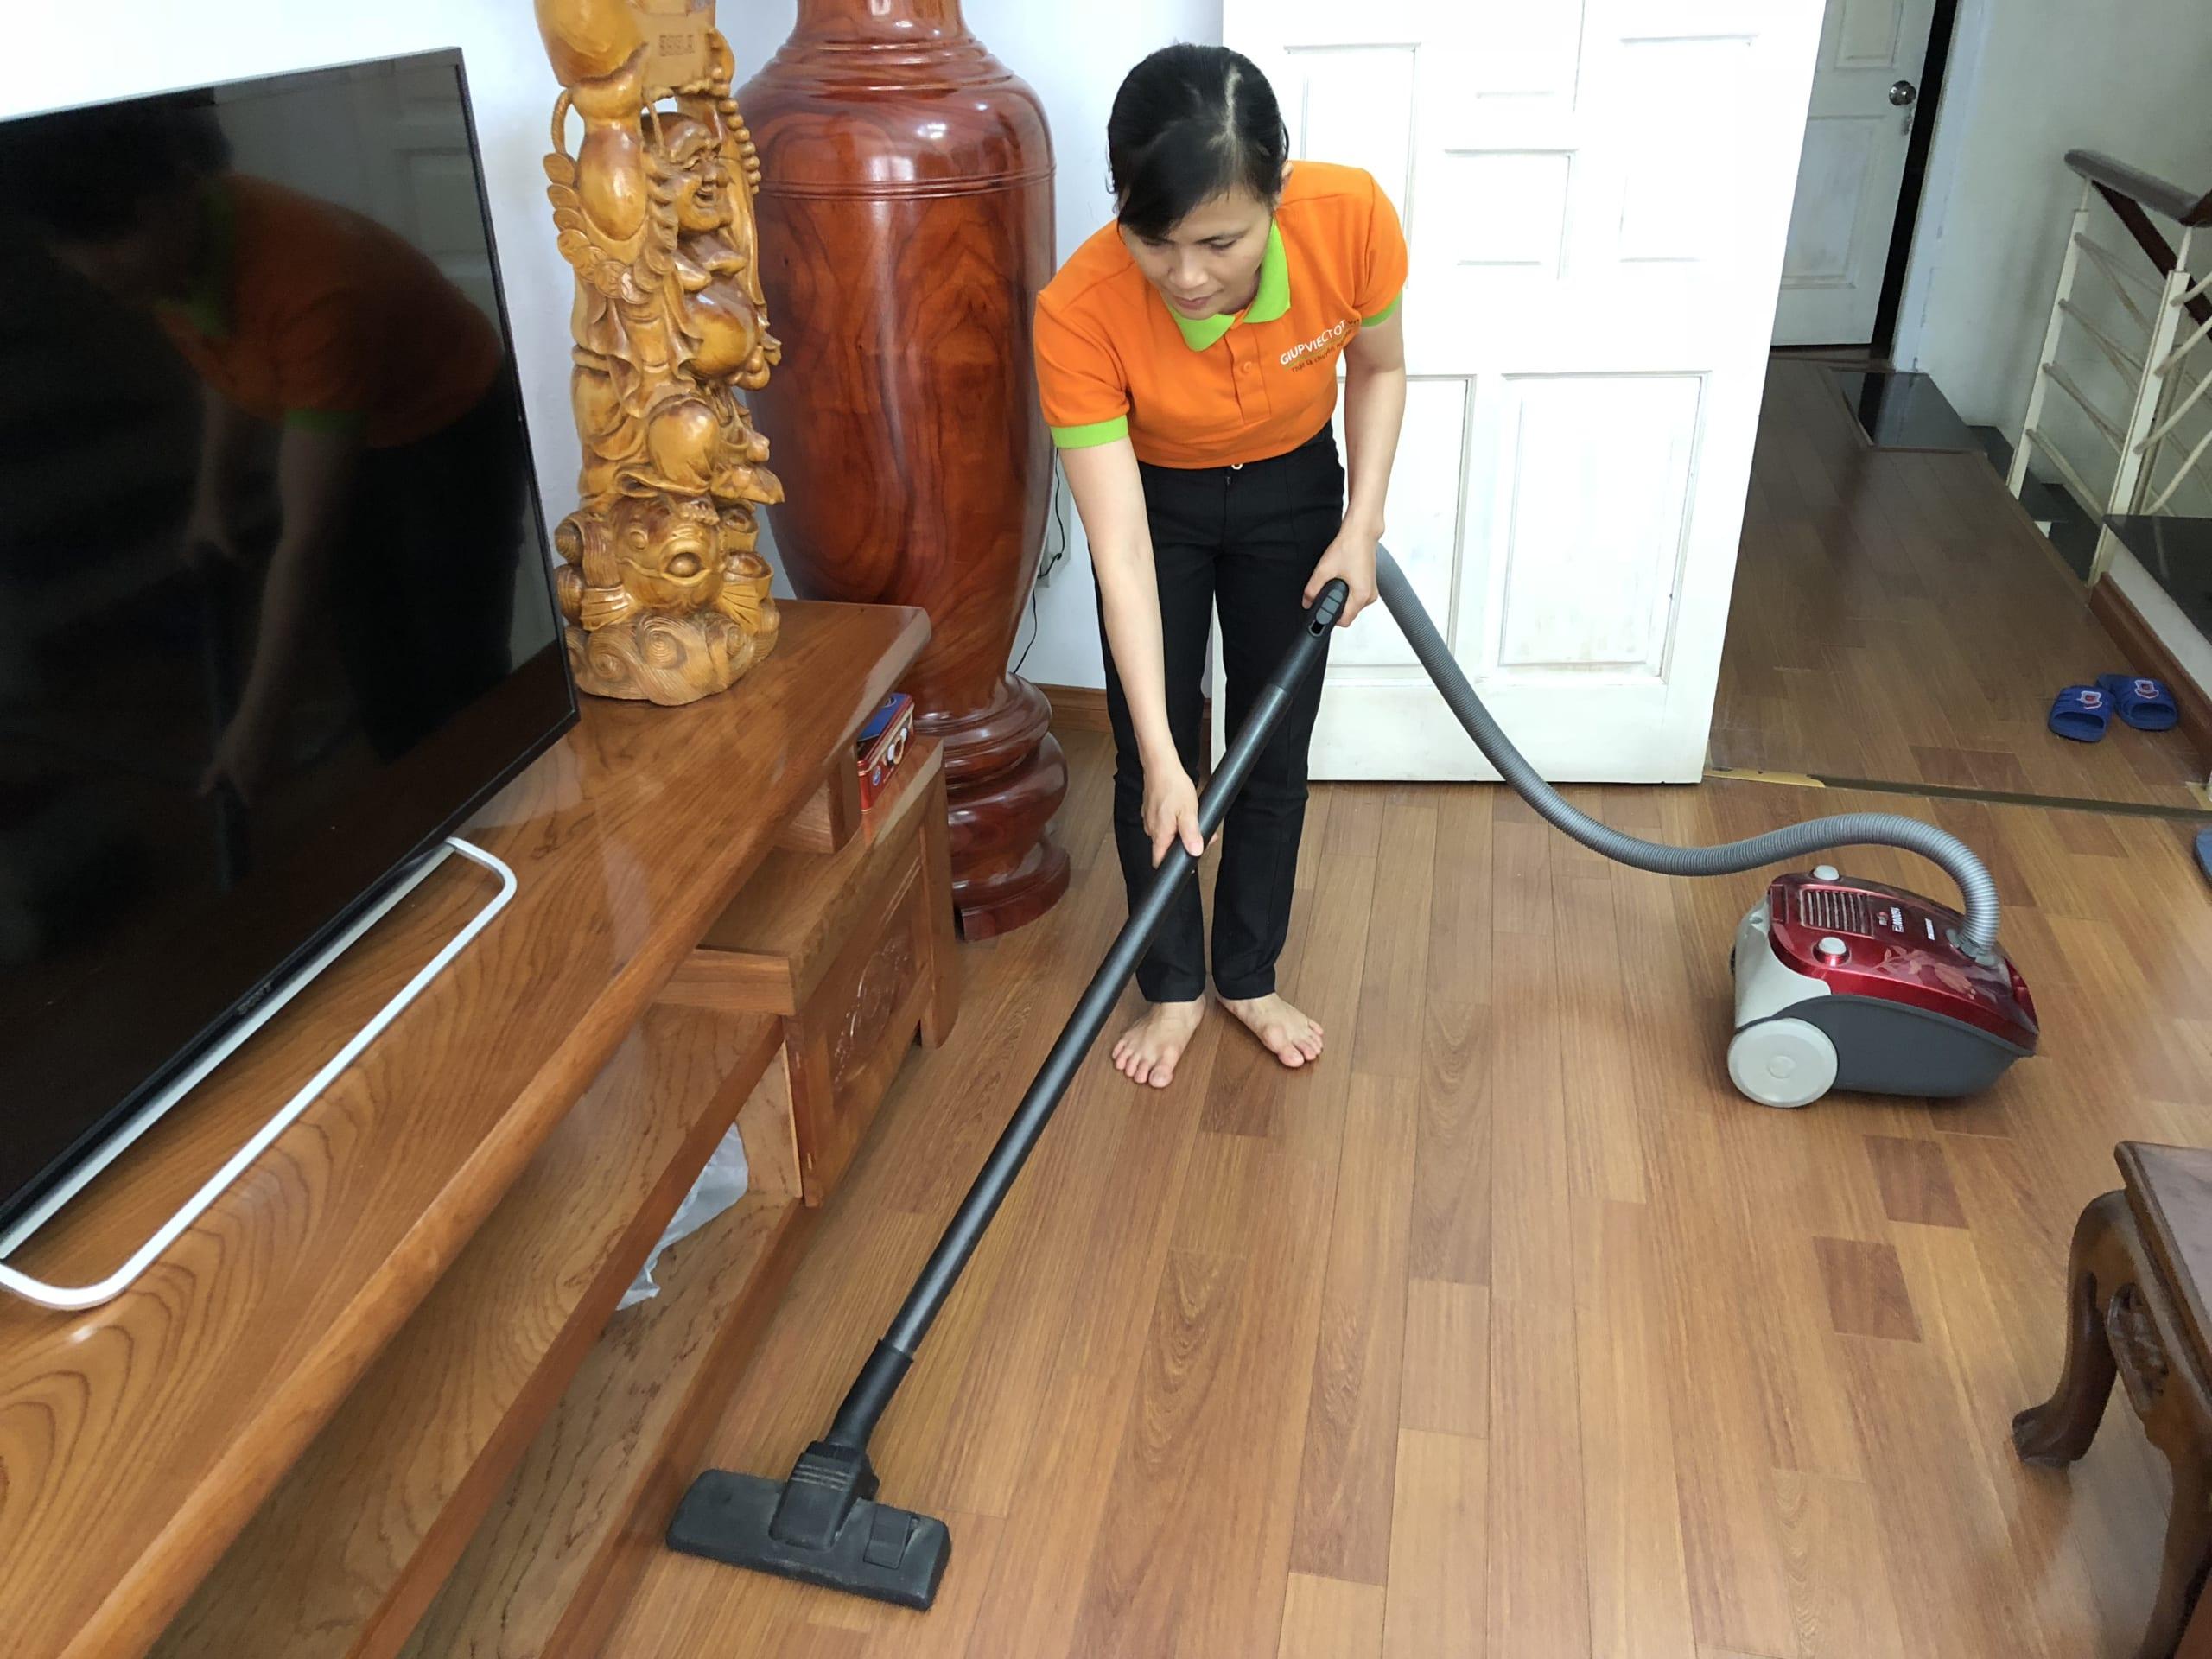 dịch vụ vệ sinh công nghiệp tại nam từ liêm